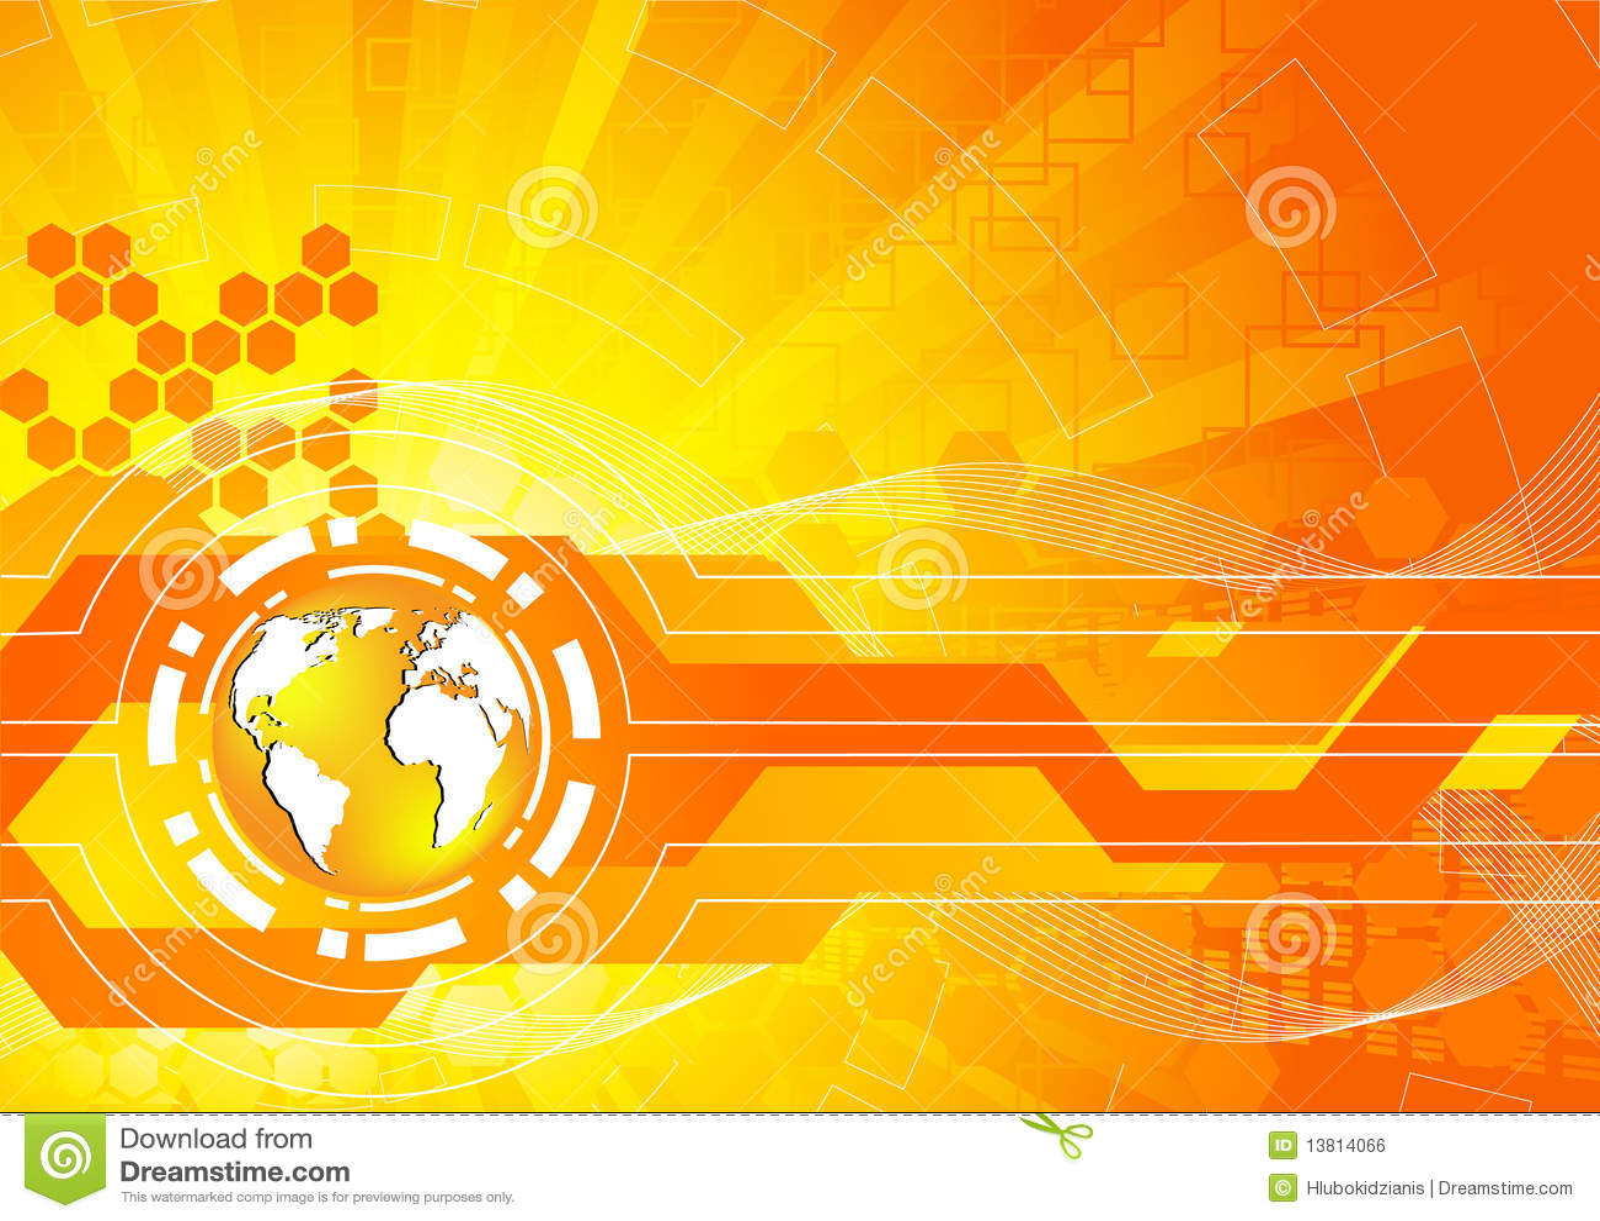 orange background free stock - photo #17